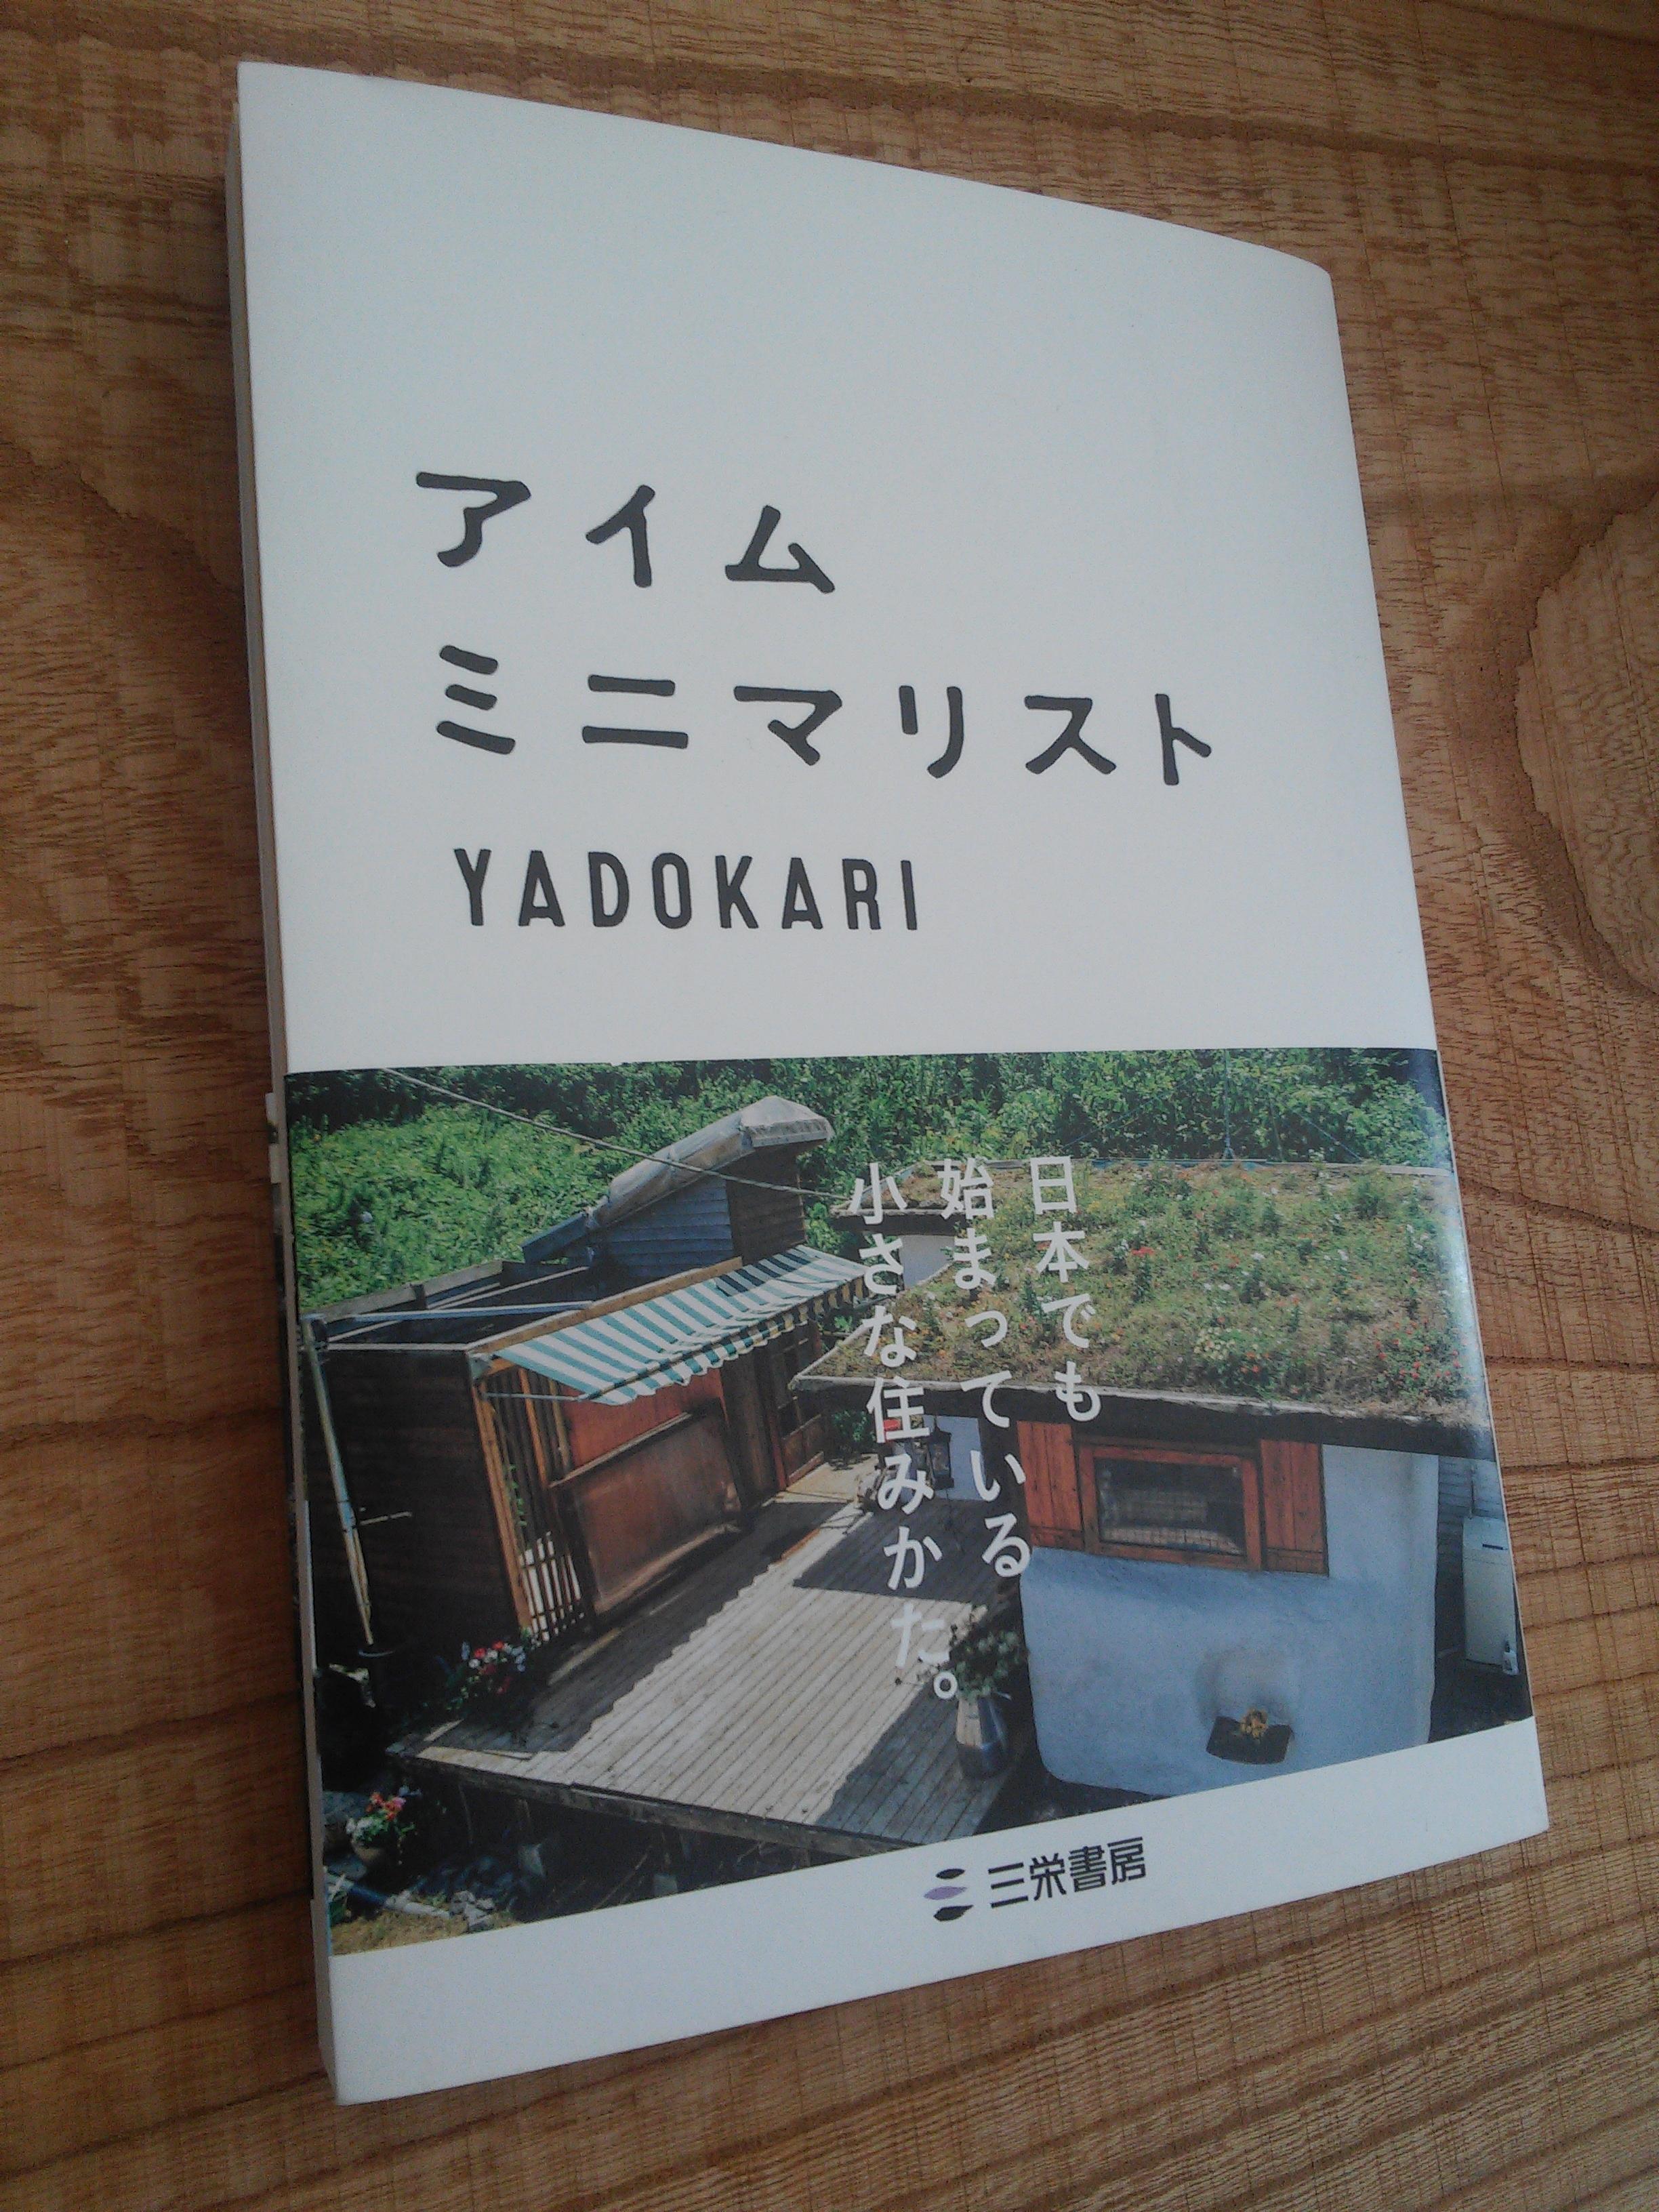 YADOKARI著『アイム・ミニマリスト』を読んでみました。今年一番の良著でした。